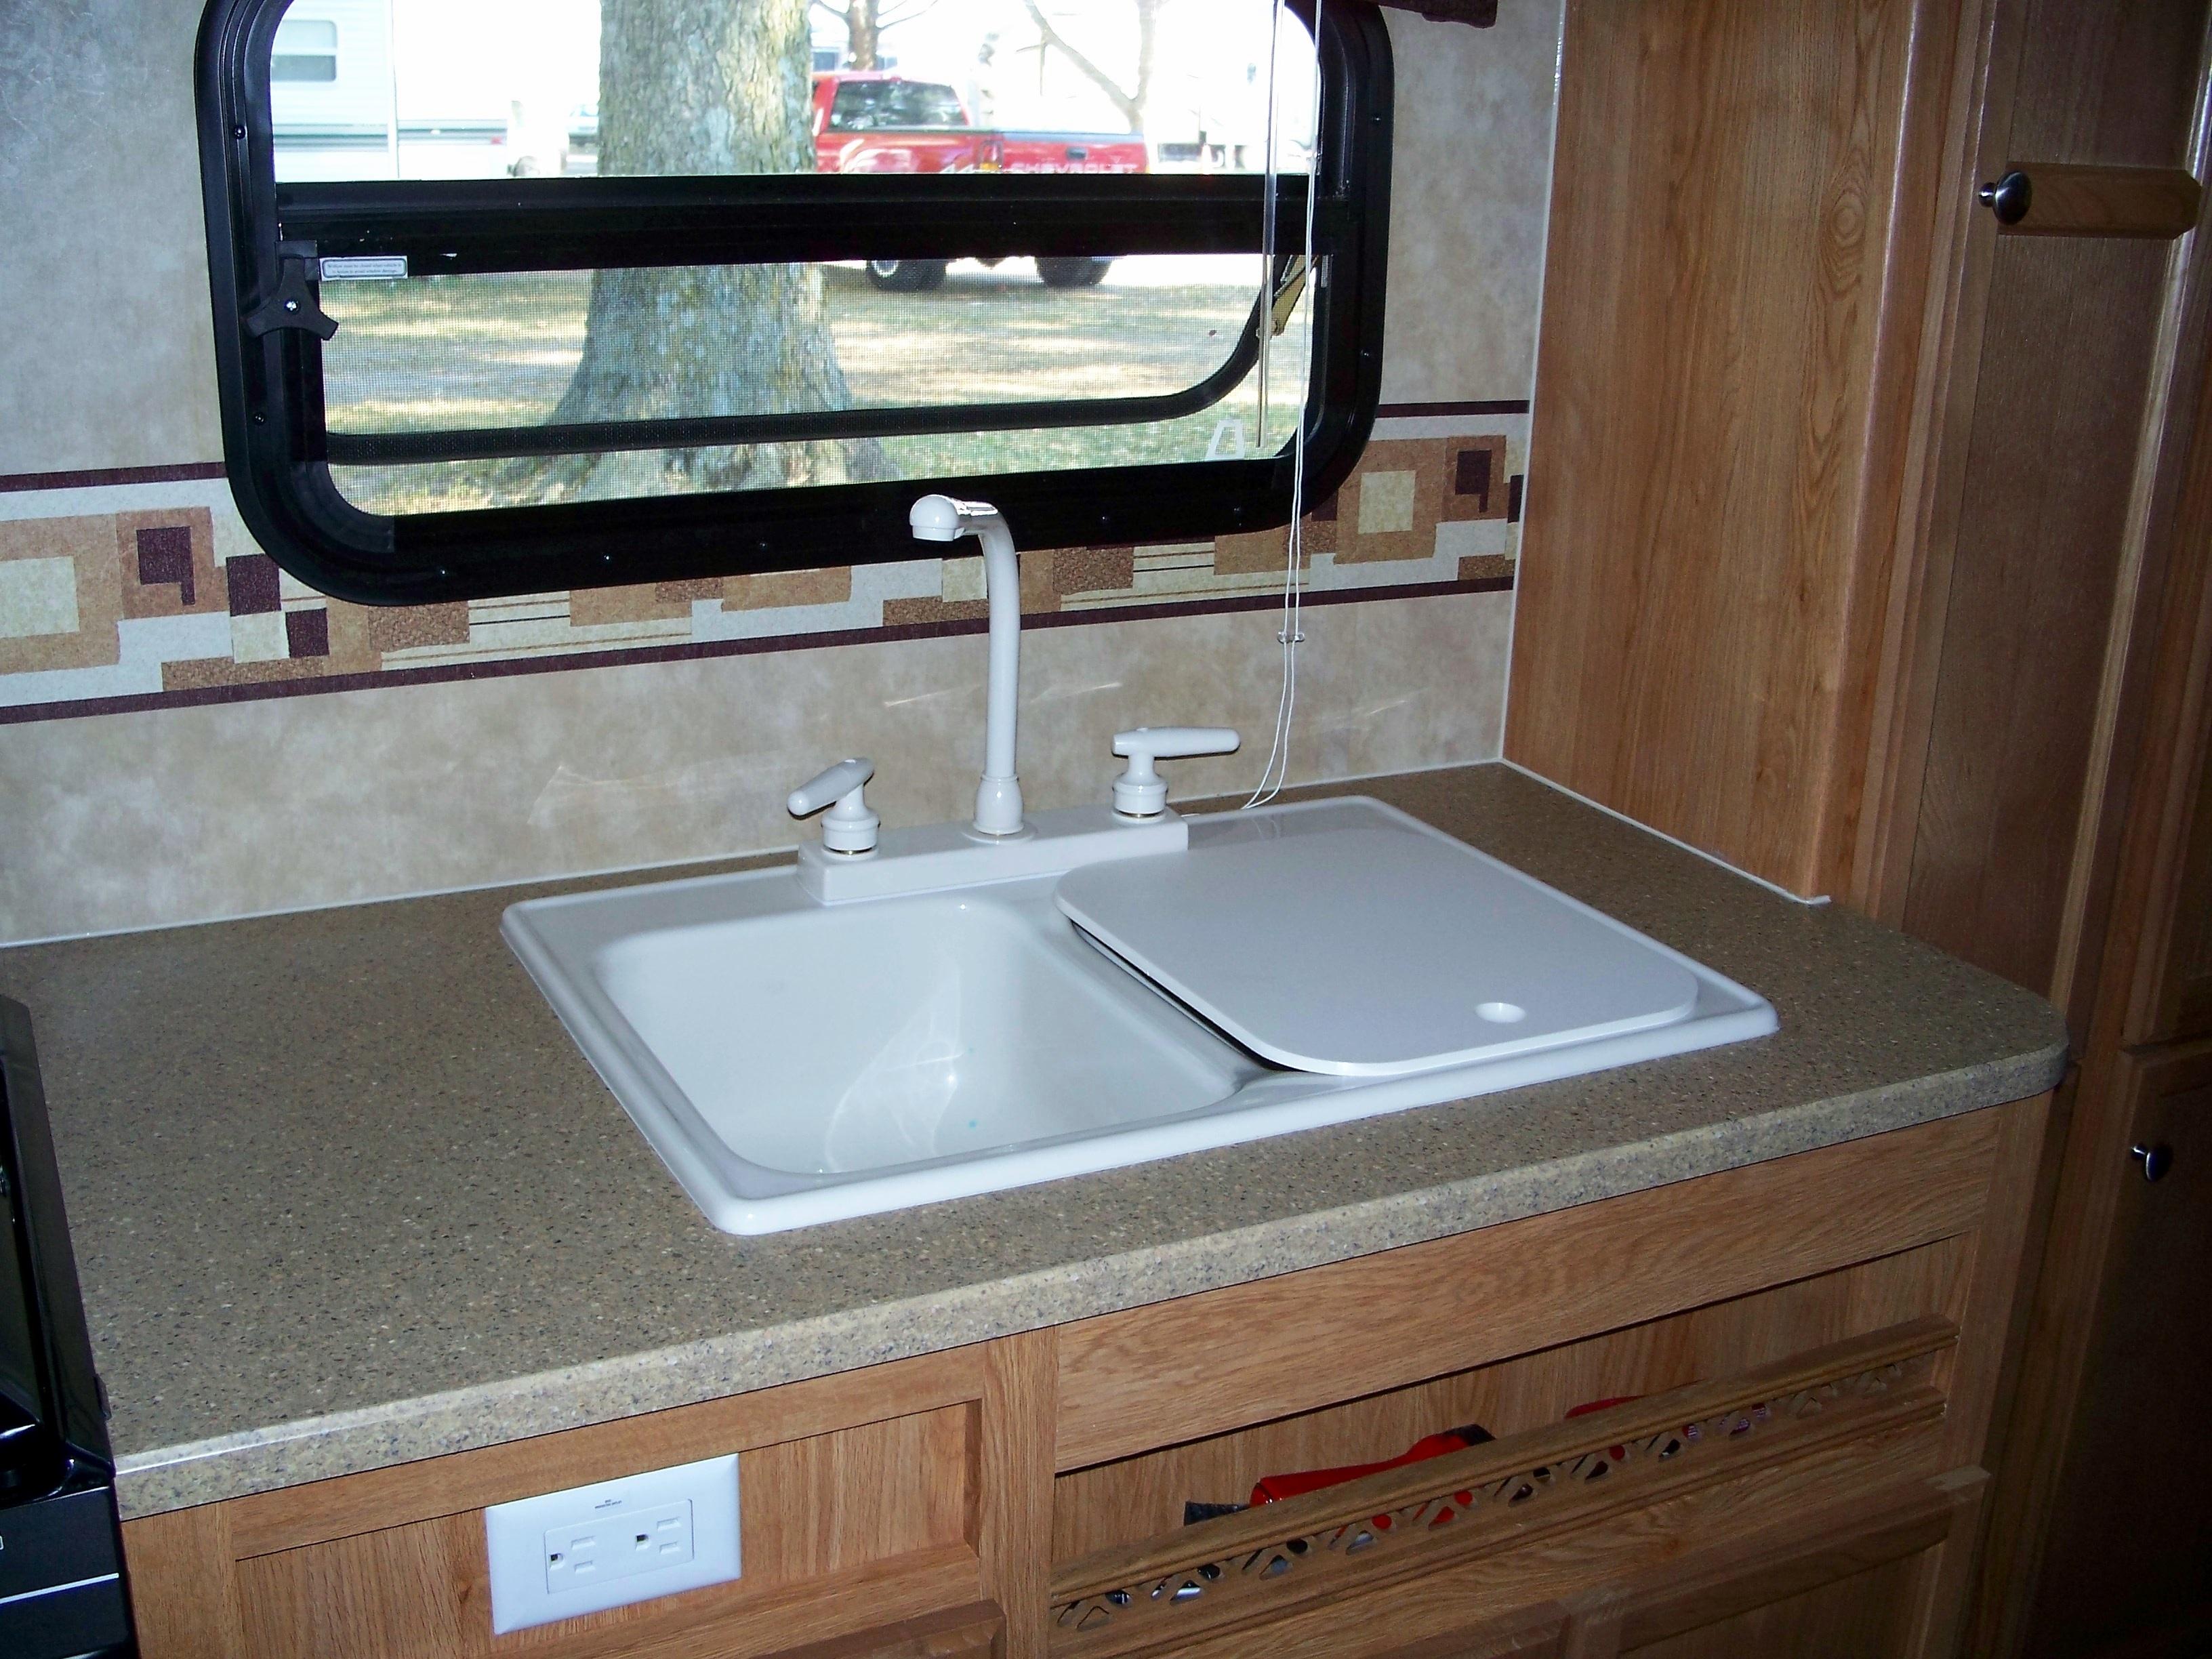 File:Jayco interior of kitchen sink kitchen sink sizes File Jayco interior of kitchen sink